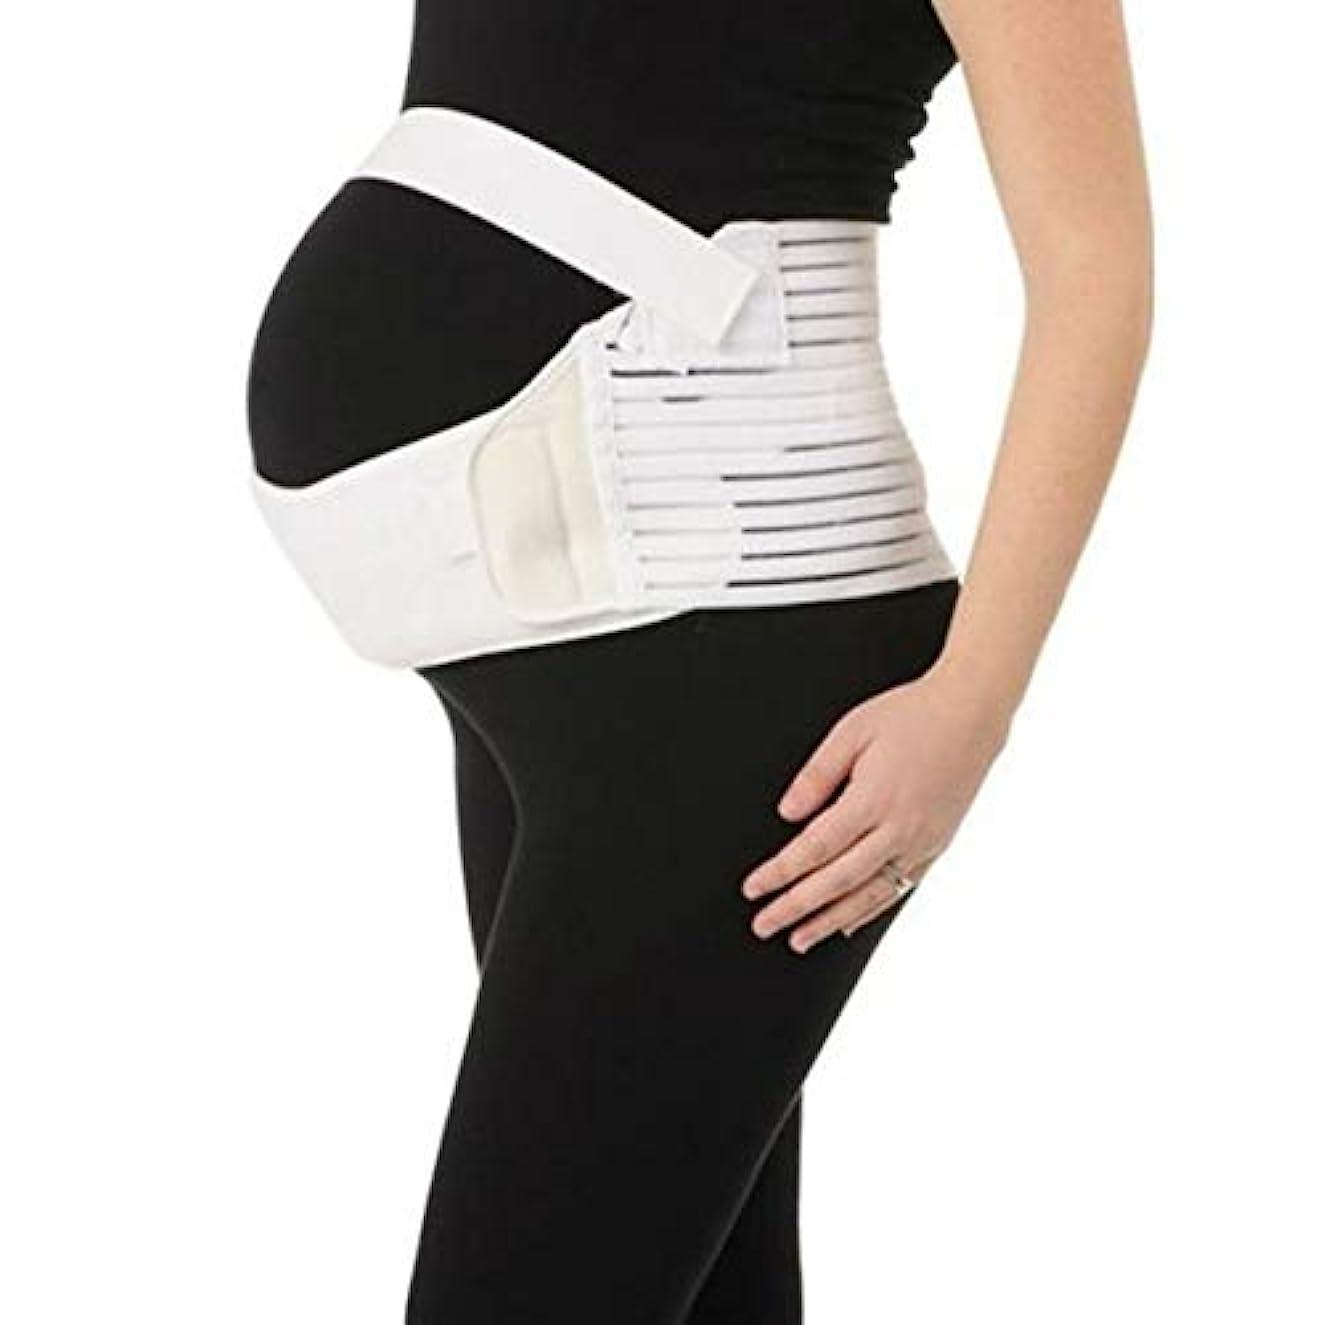 ソブリケットもう一度伝染病通気性マタニティベルト妊娠腹部サポート腹部バインダーガードル運動包帯産後回復形状ウェア - ホワイトXL